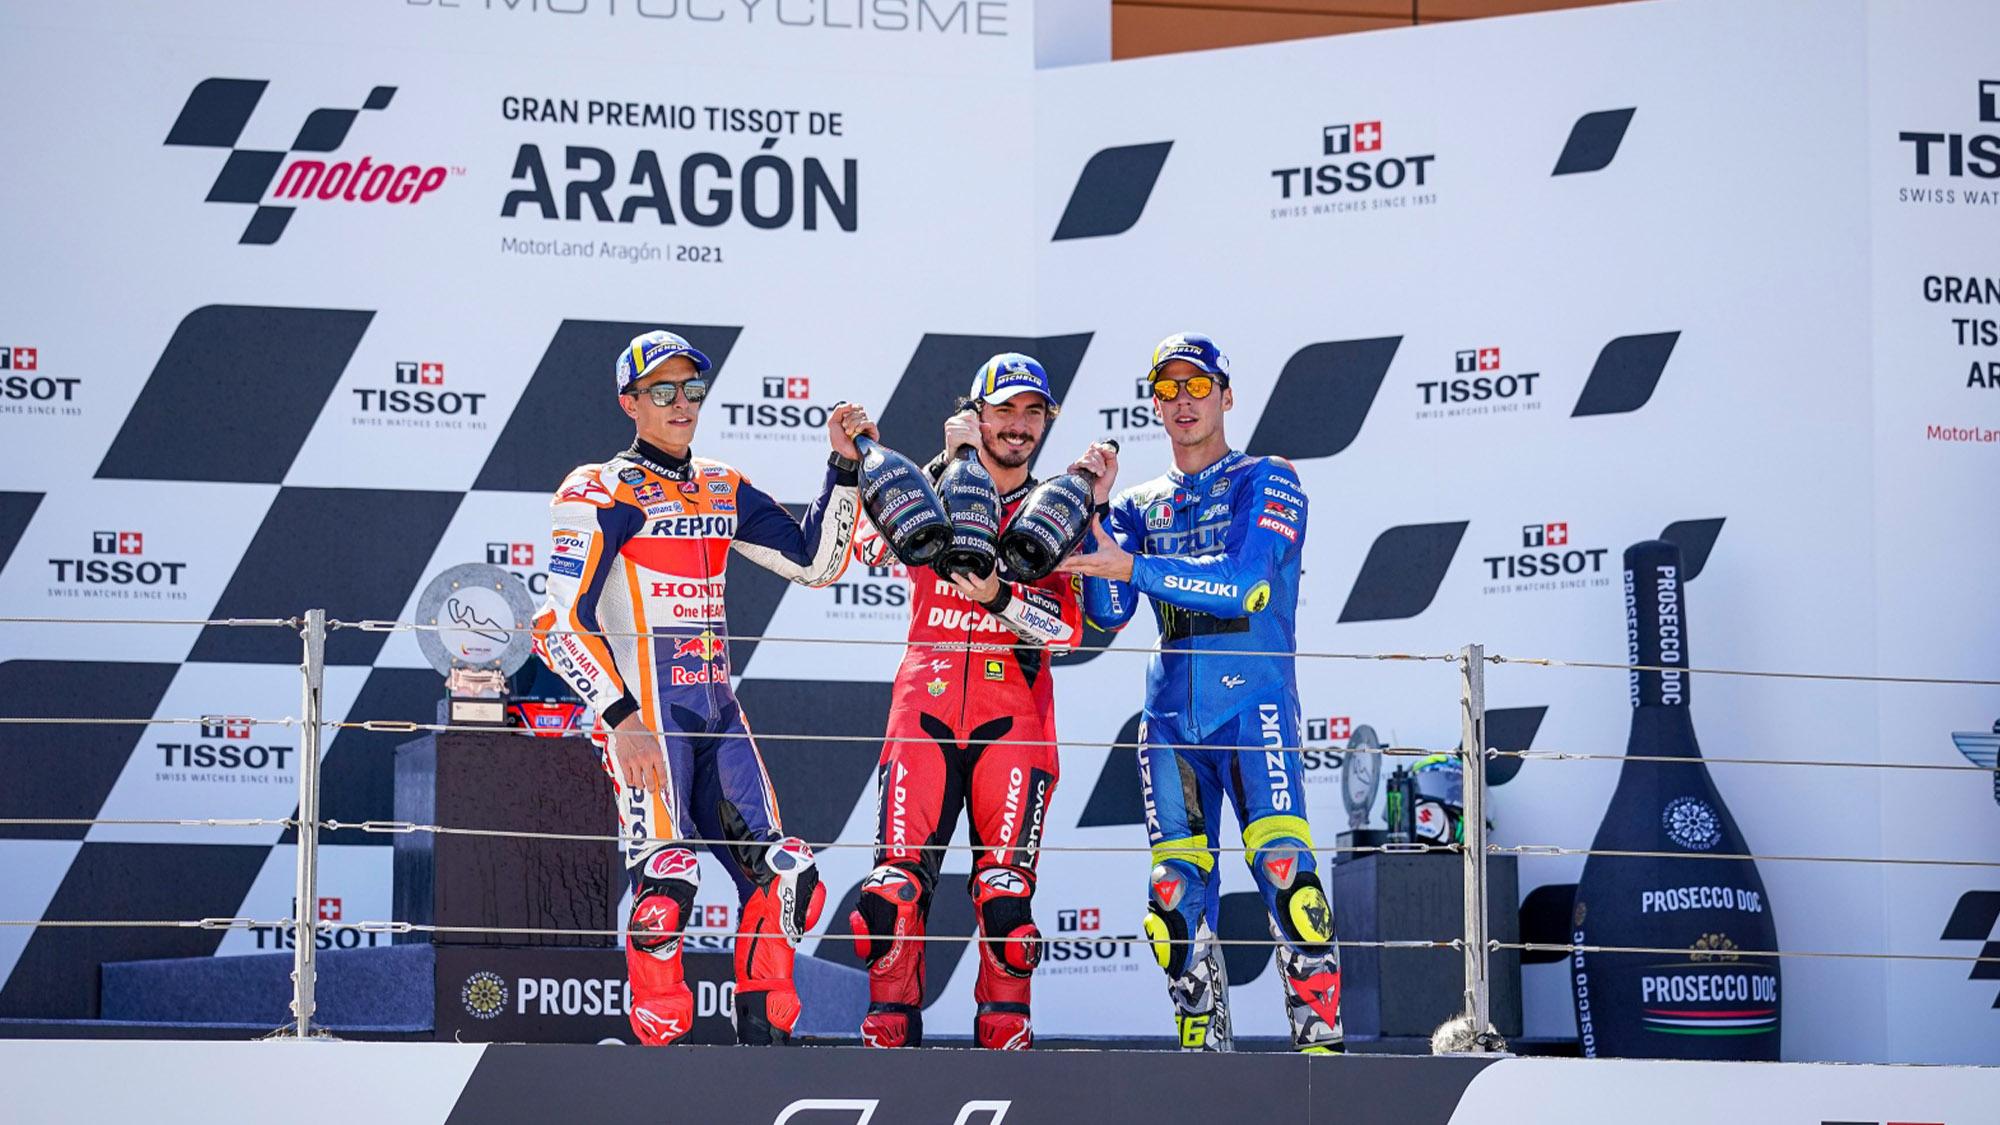 MotoGP Aragon podium 2021